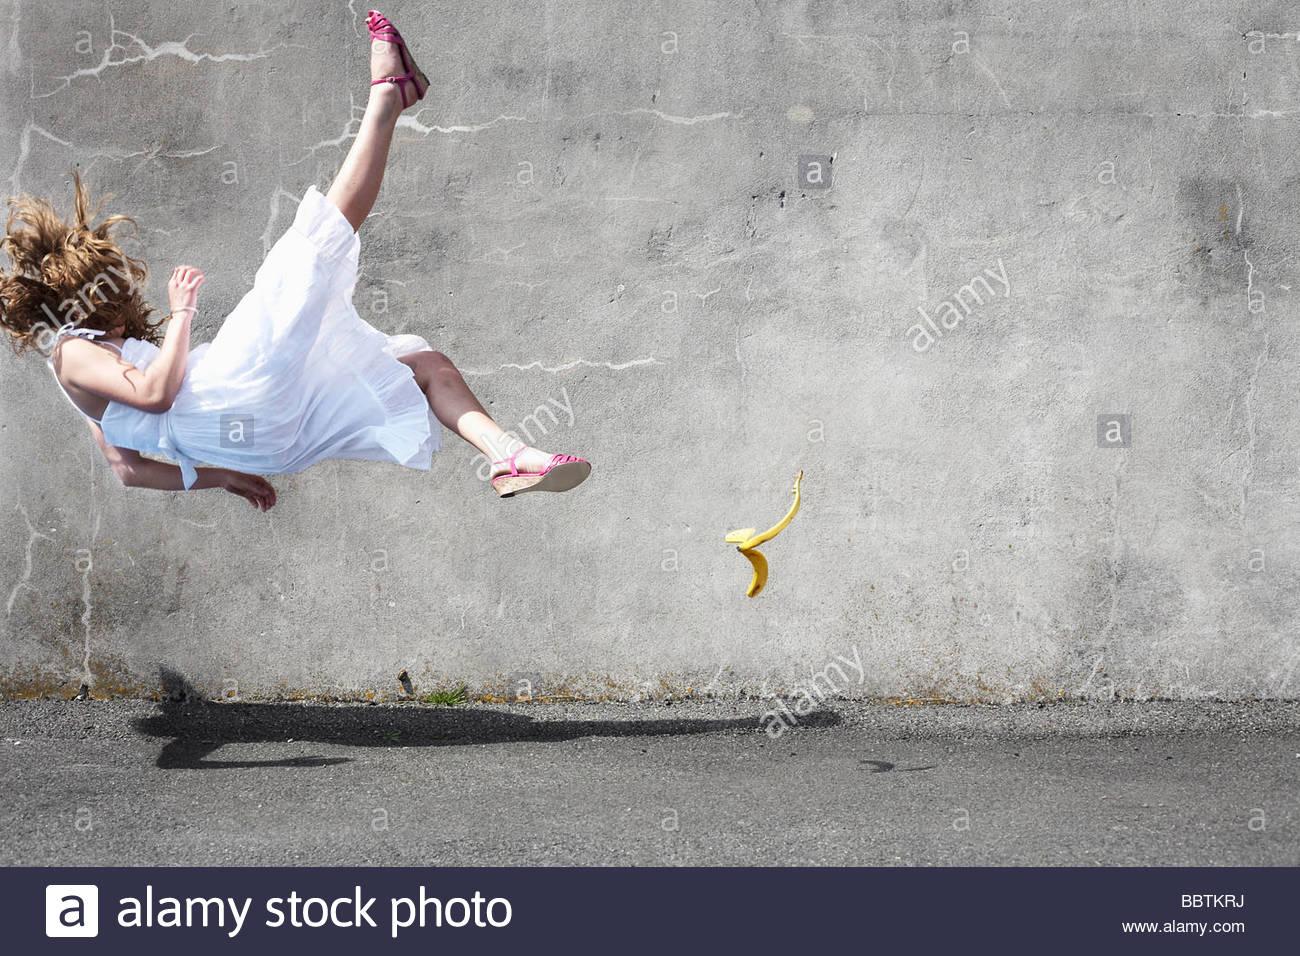 Ragazza scivolando su una banana Immagini Stock